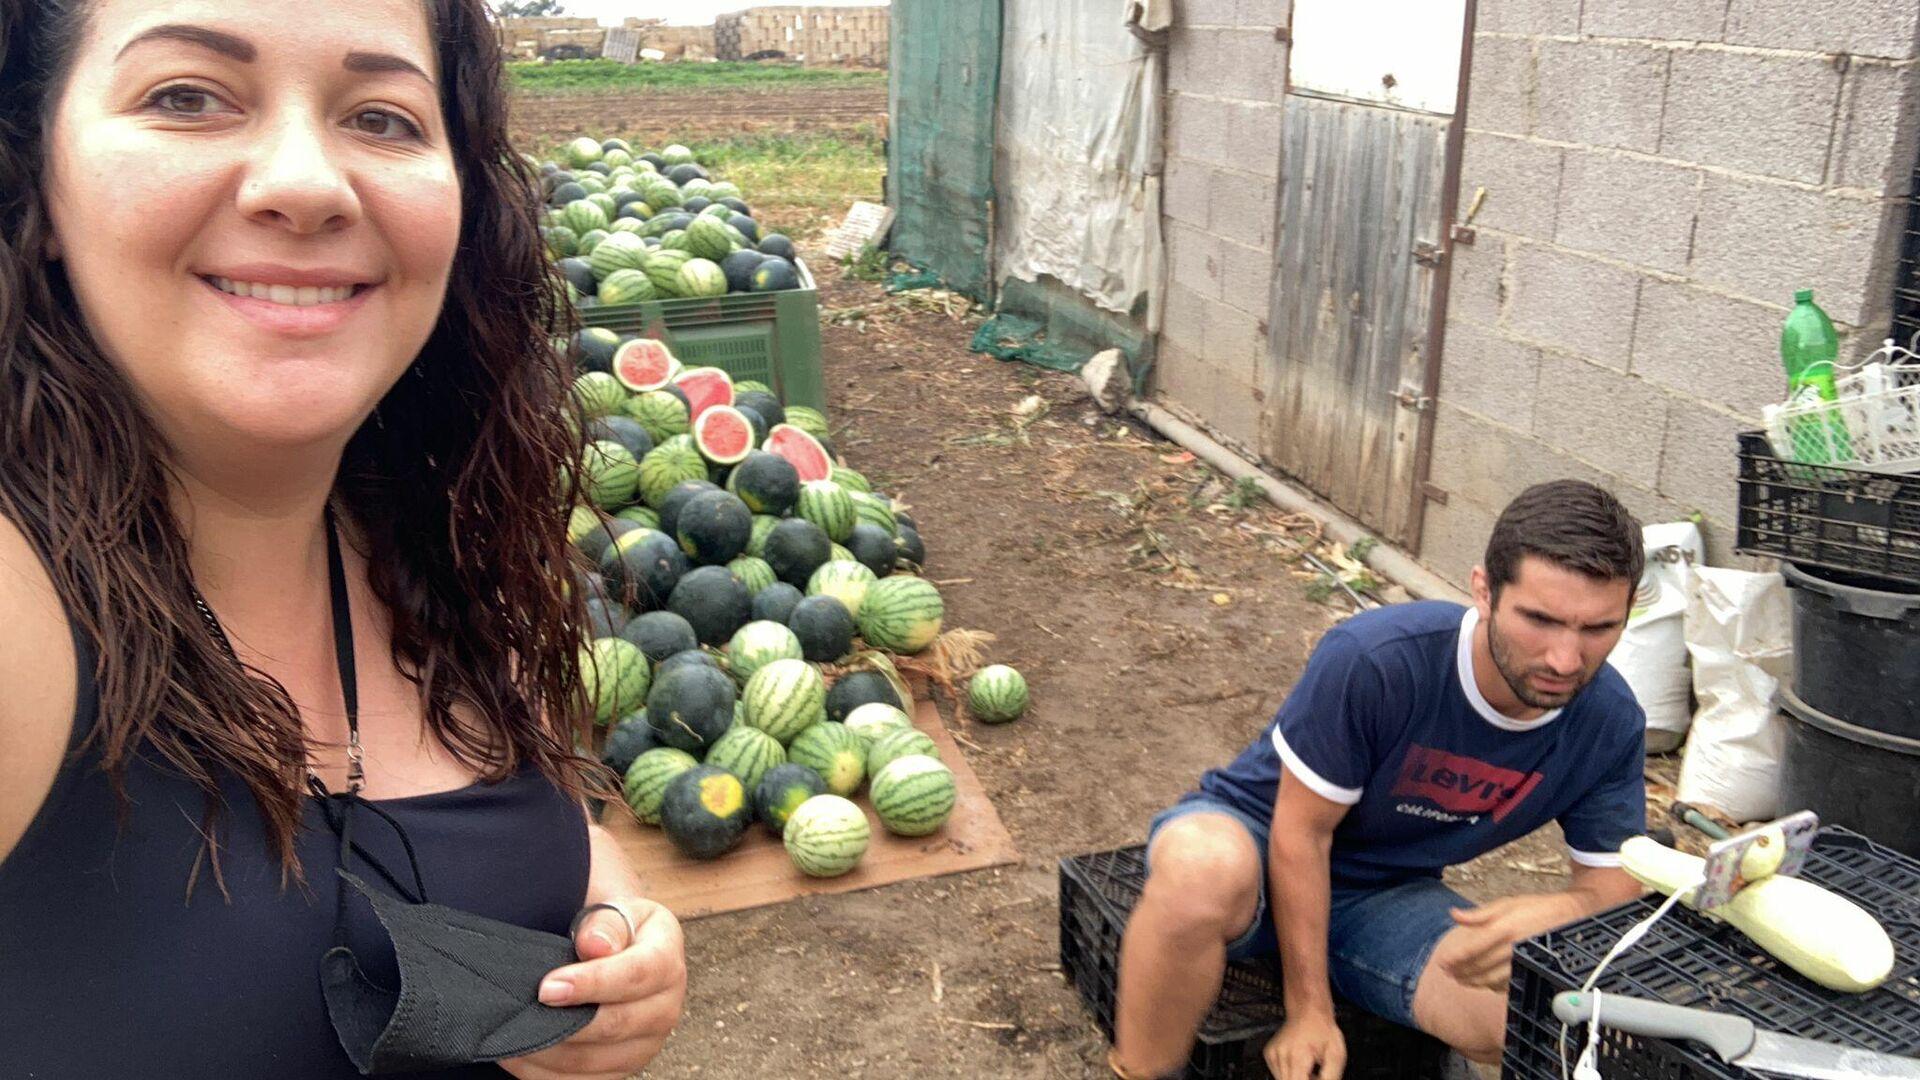 El agricultor Sergio Rodríguez junto a su novia y las sandías - Sputnik Mundo, 1920, 26.07.2021